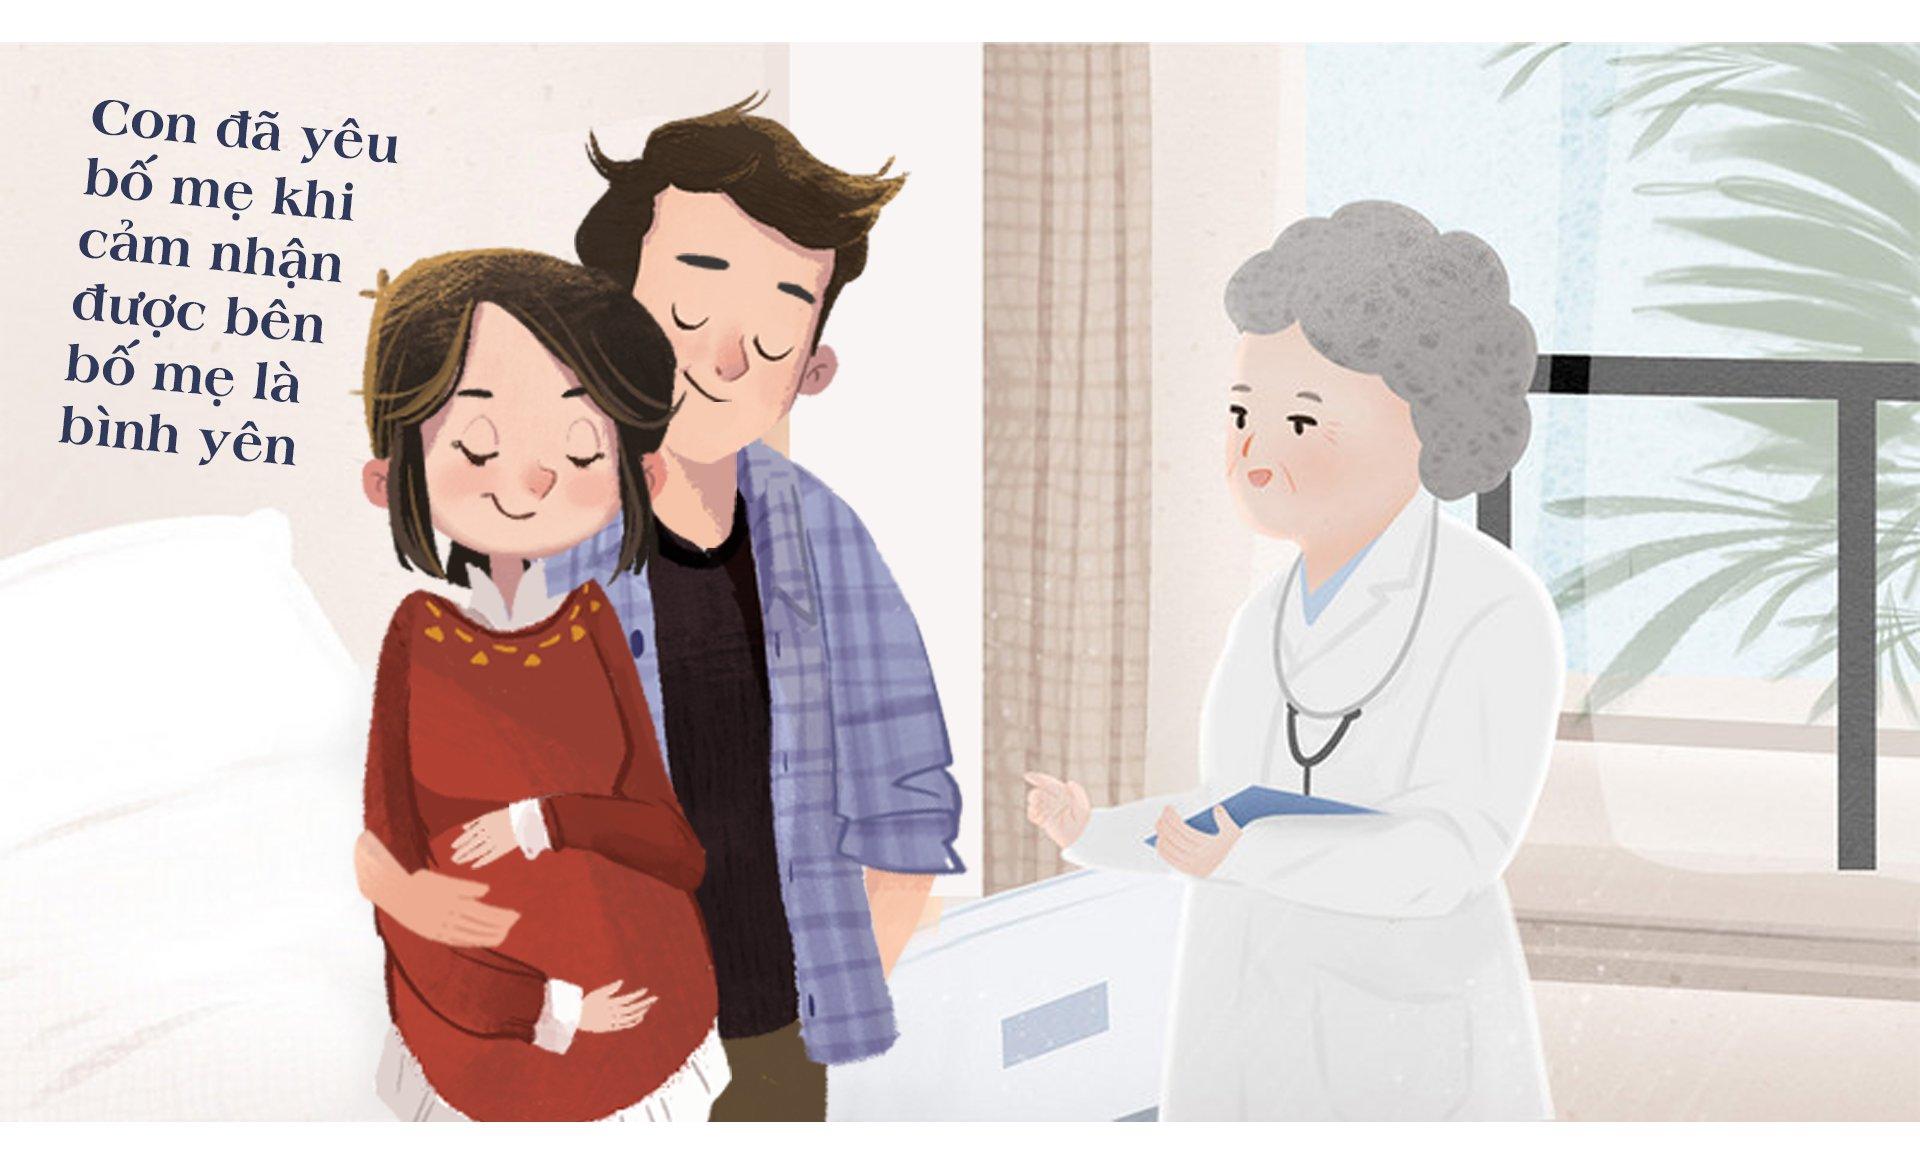 Mẹ con mình duyên nợ với nhau bắt đầu từ chiếc que thử thai 2 vạch - 8